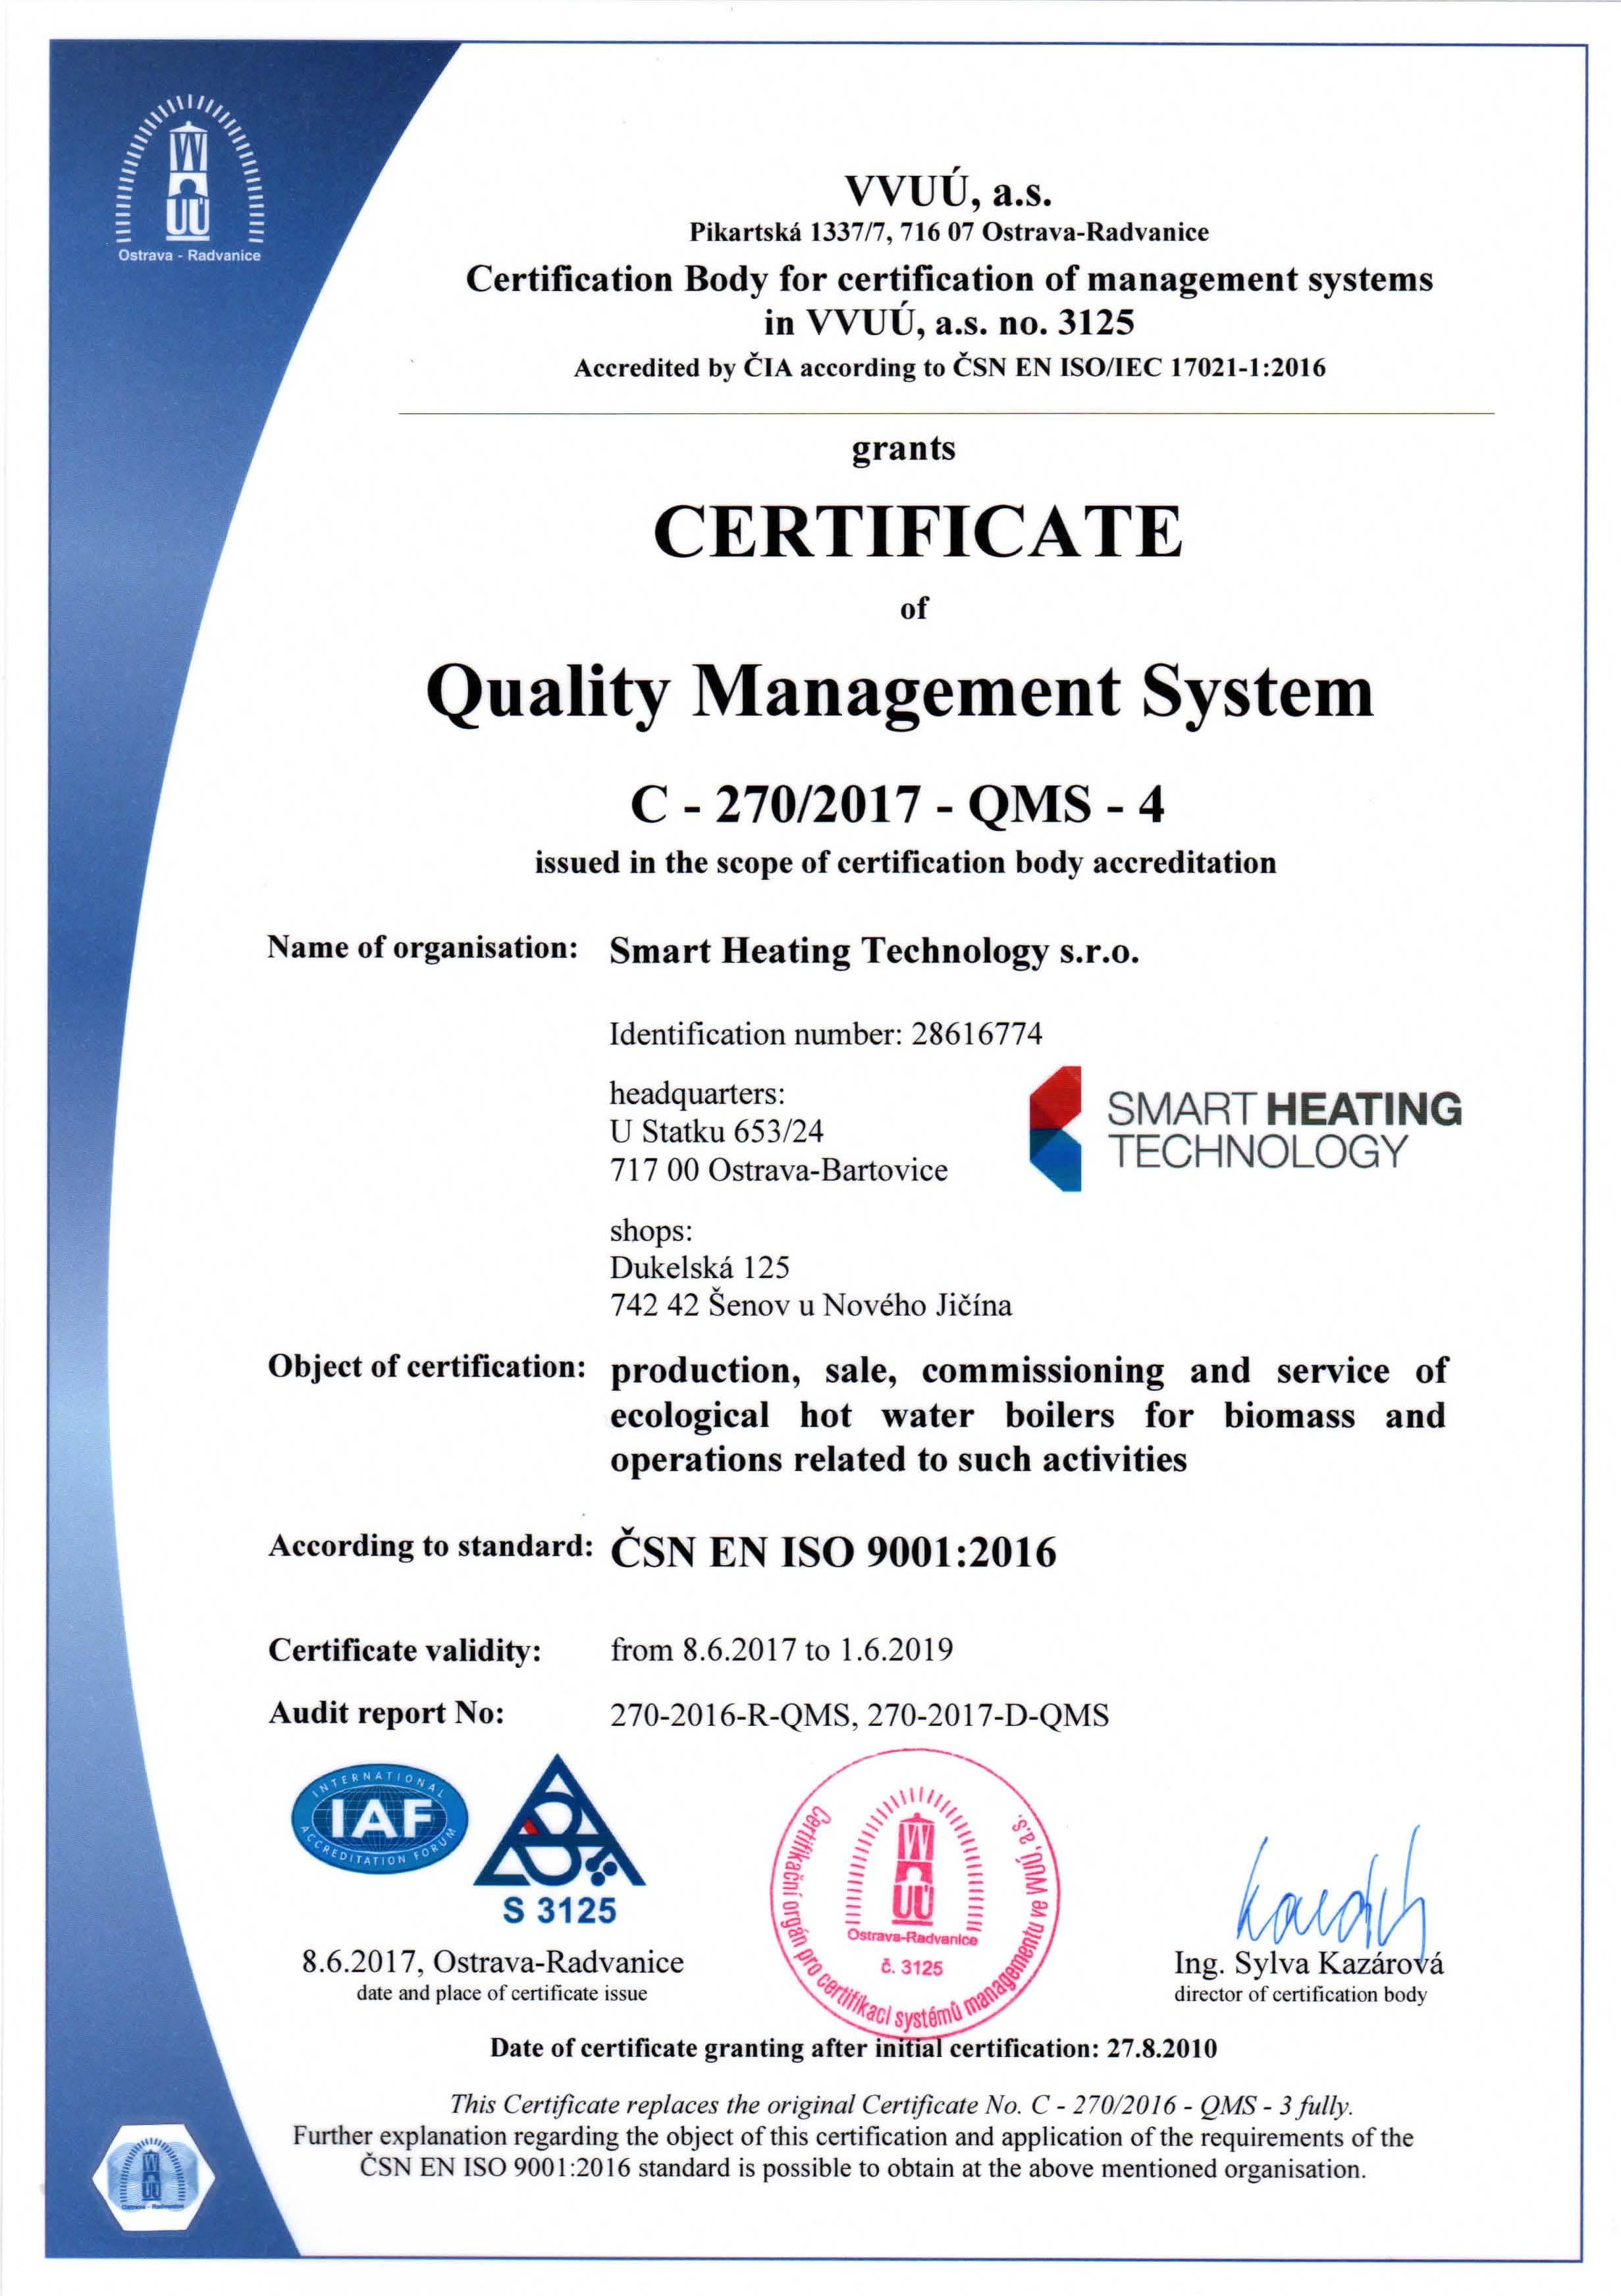 certifikat-c-270_2017-qms-4-eng_stranka_1